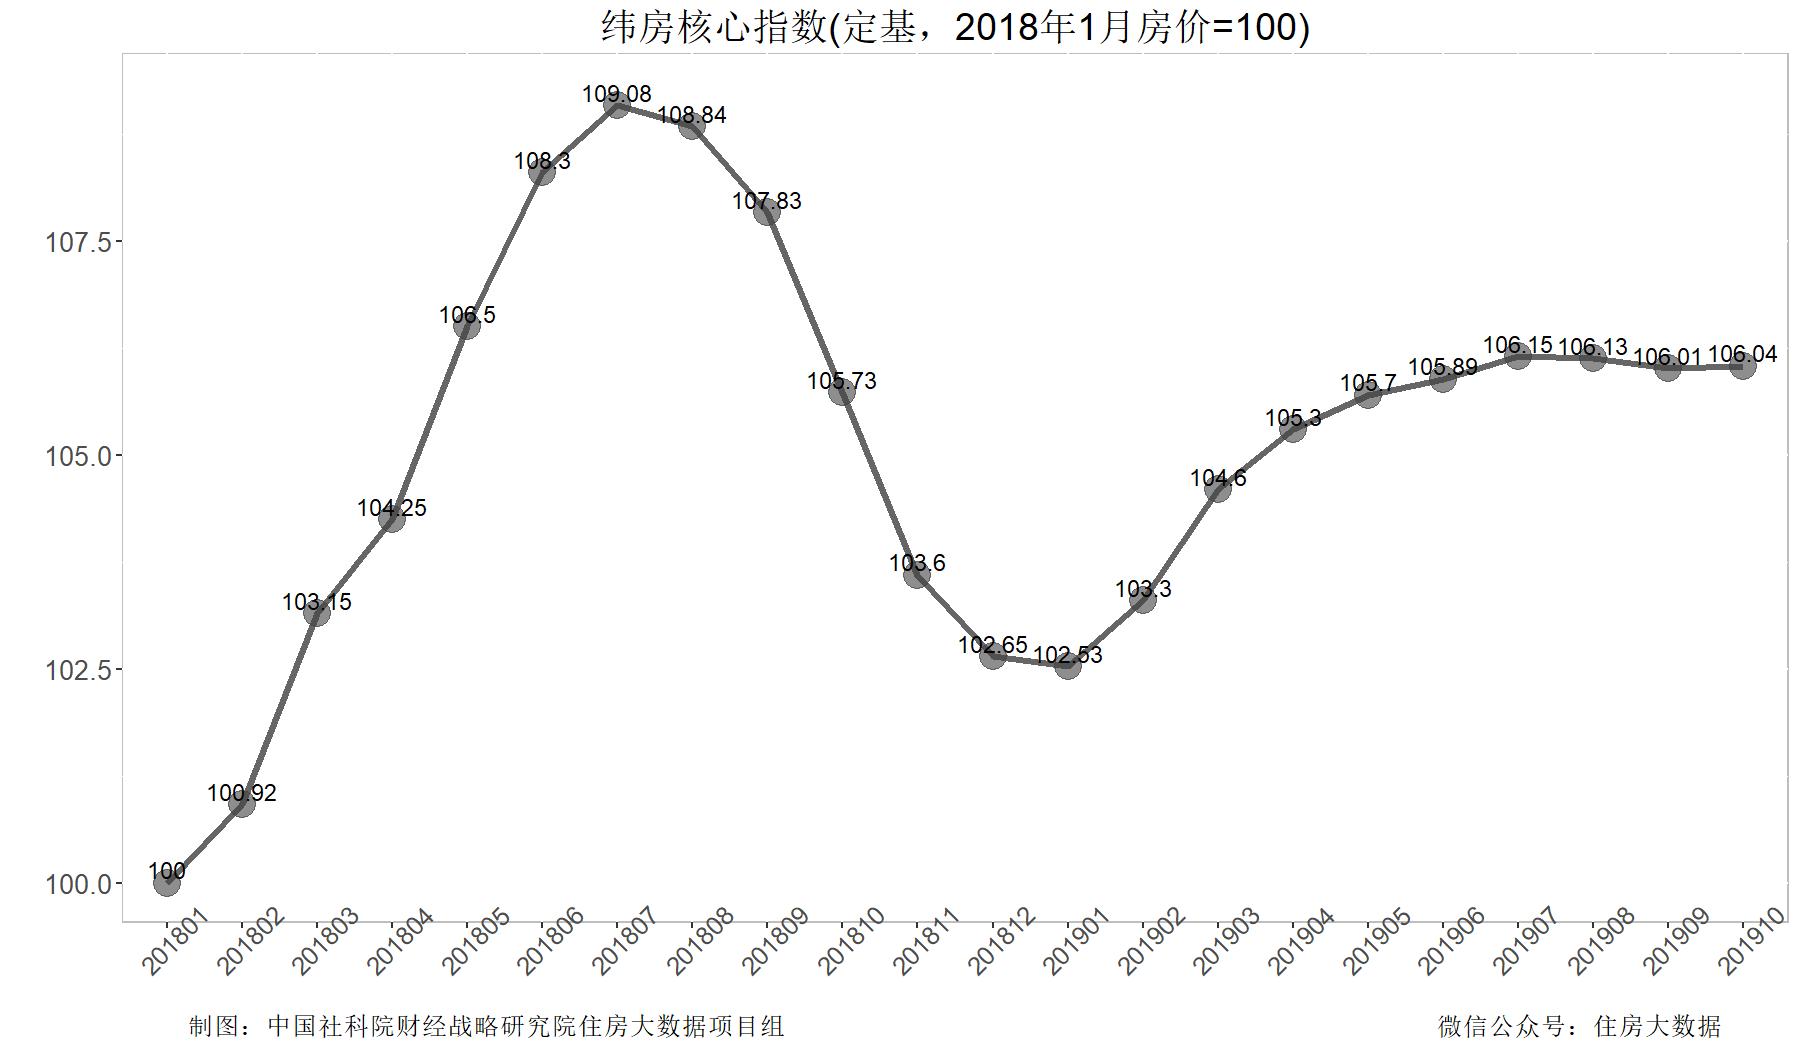 社科院:2019年核心城市房价止涨趋稳 二手住房成交量冲高回落-中国网地产